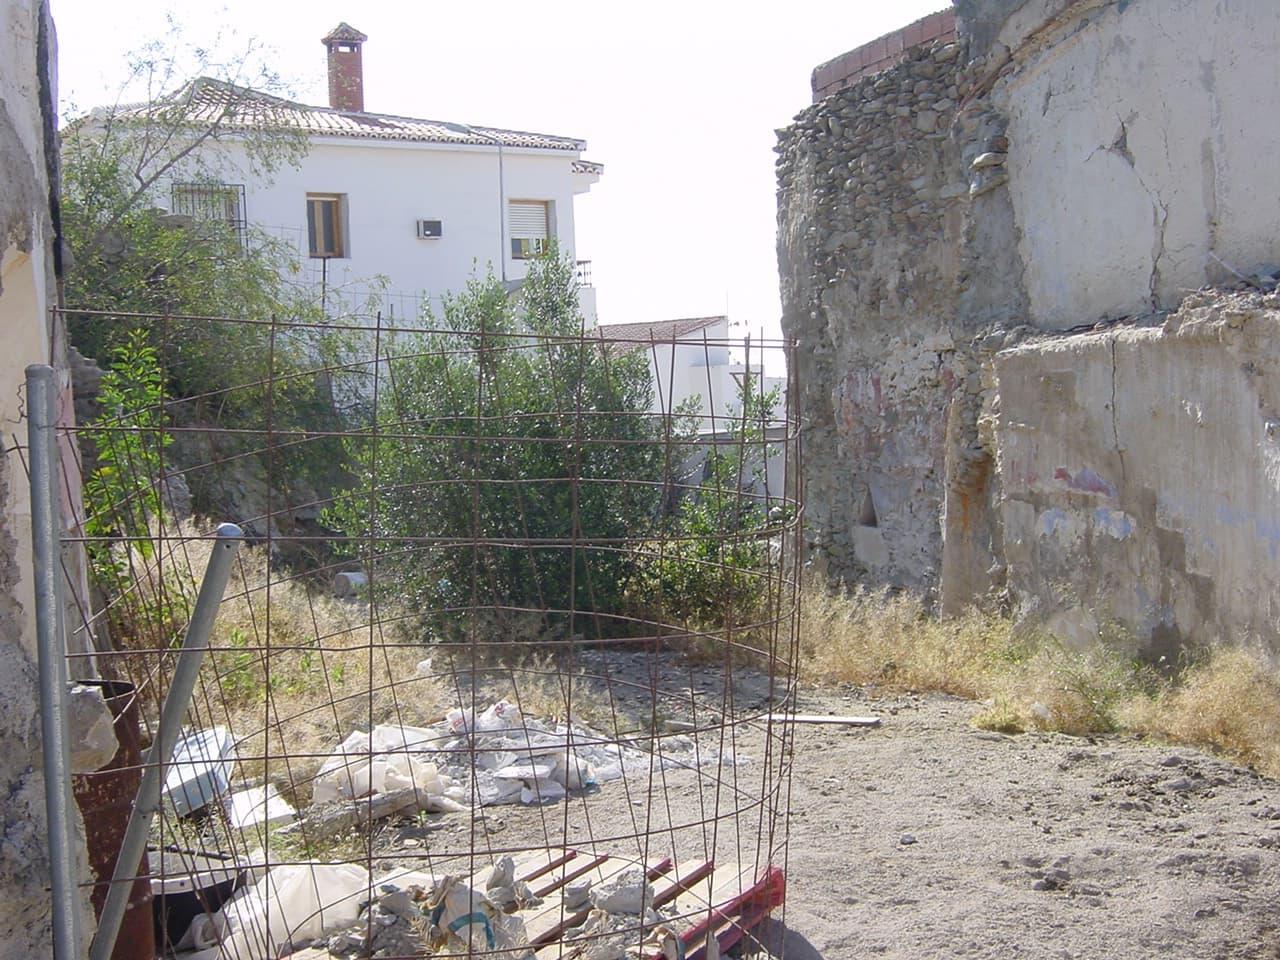 Terreno/Finca Rústica en Uleila del Campo en venta - 25.000 € (Ref: 3479548)